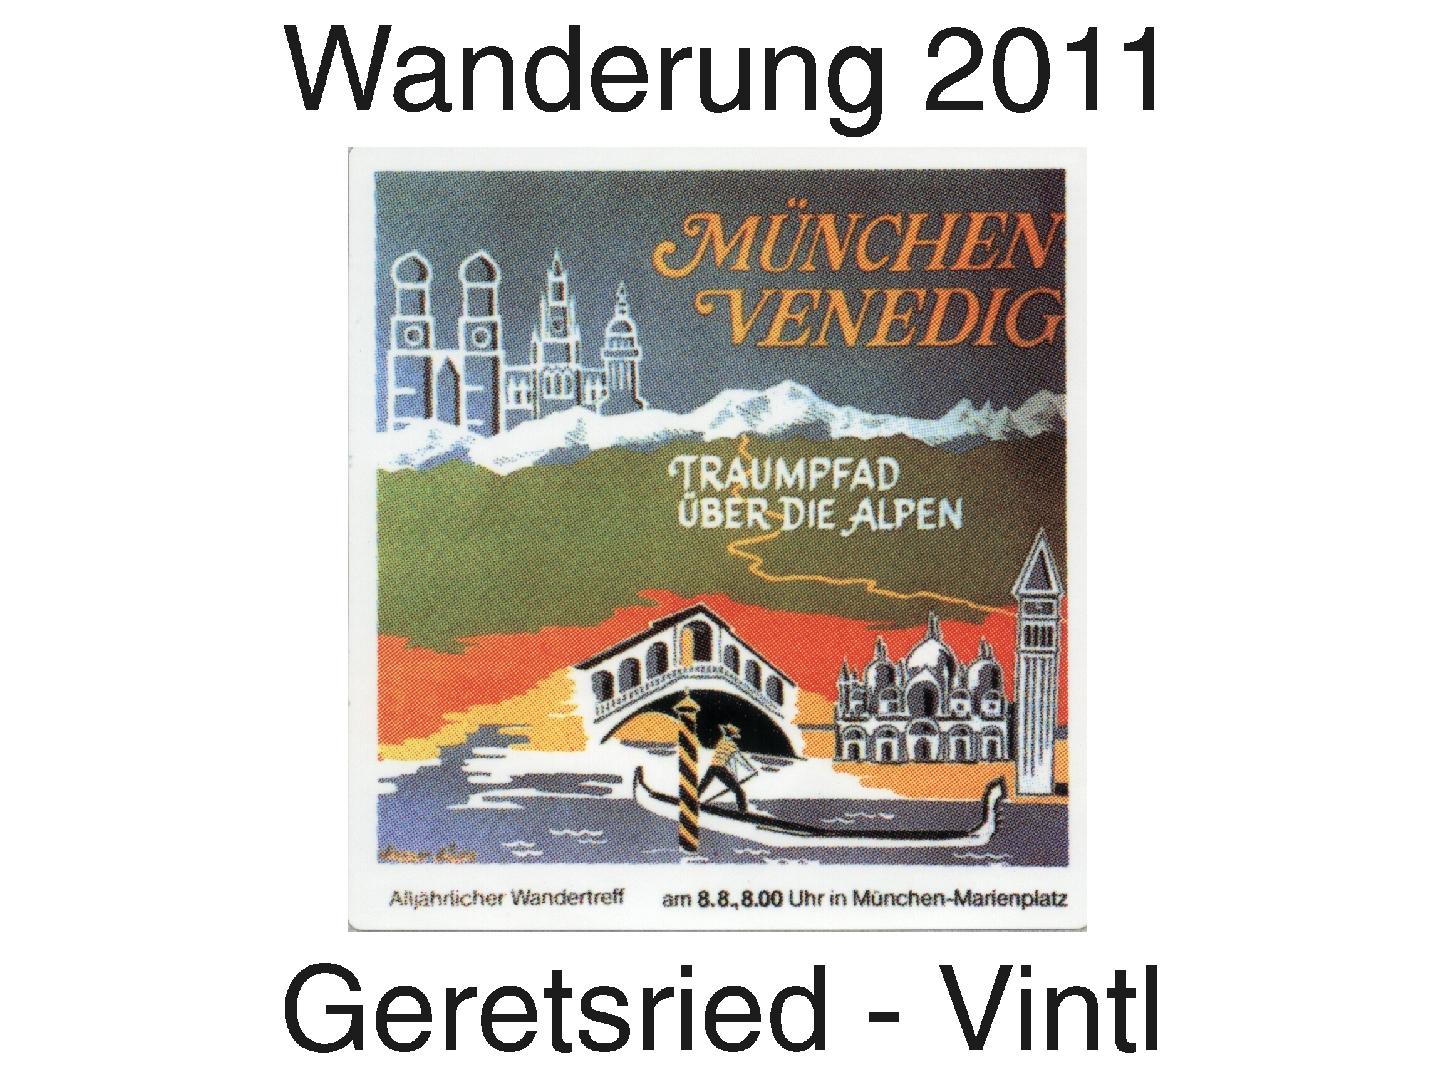 München Venedig Teilstrecke Von Geretsried Nach